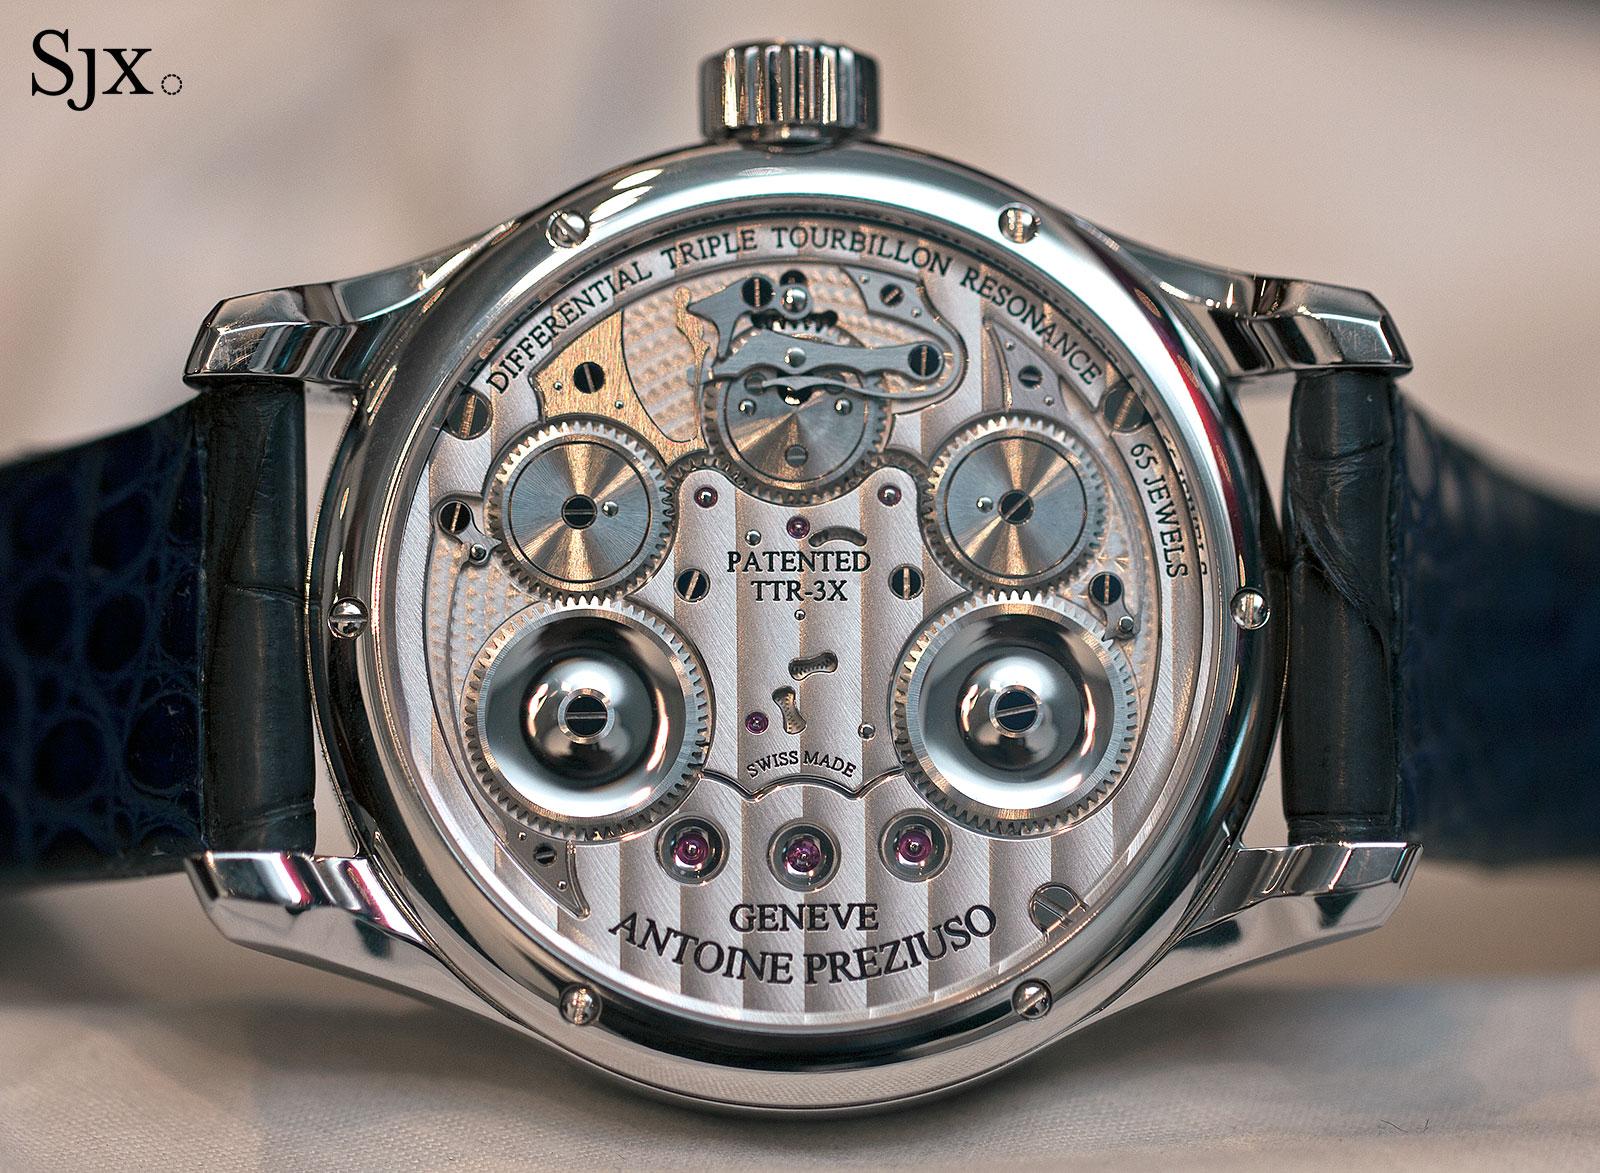 Antoine Preziuso Chronometer Tourbillon of Tourbillons 5